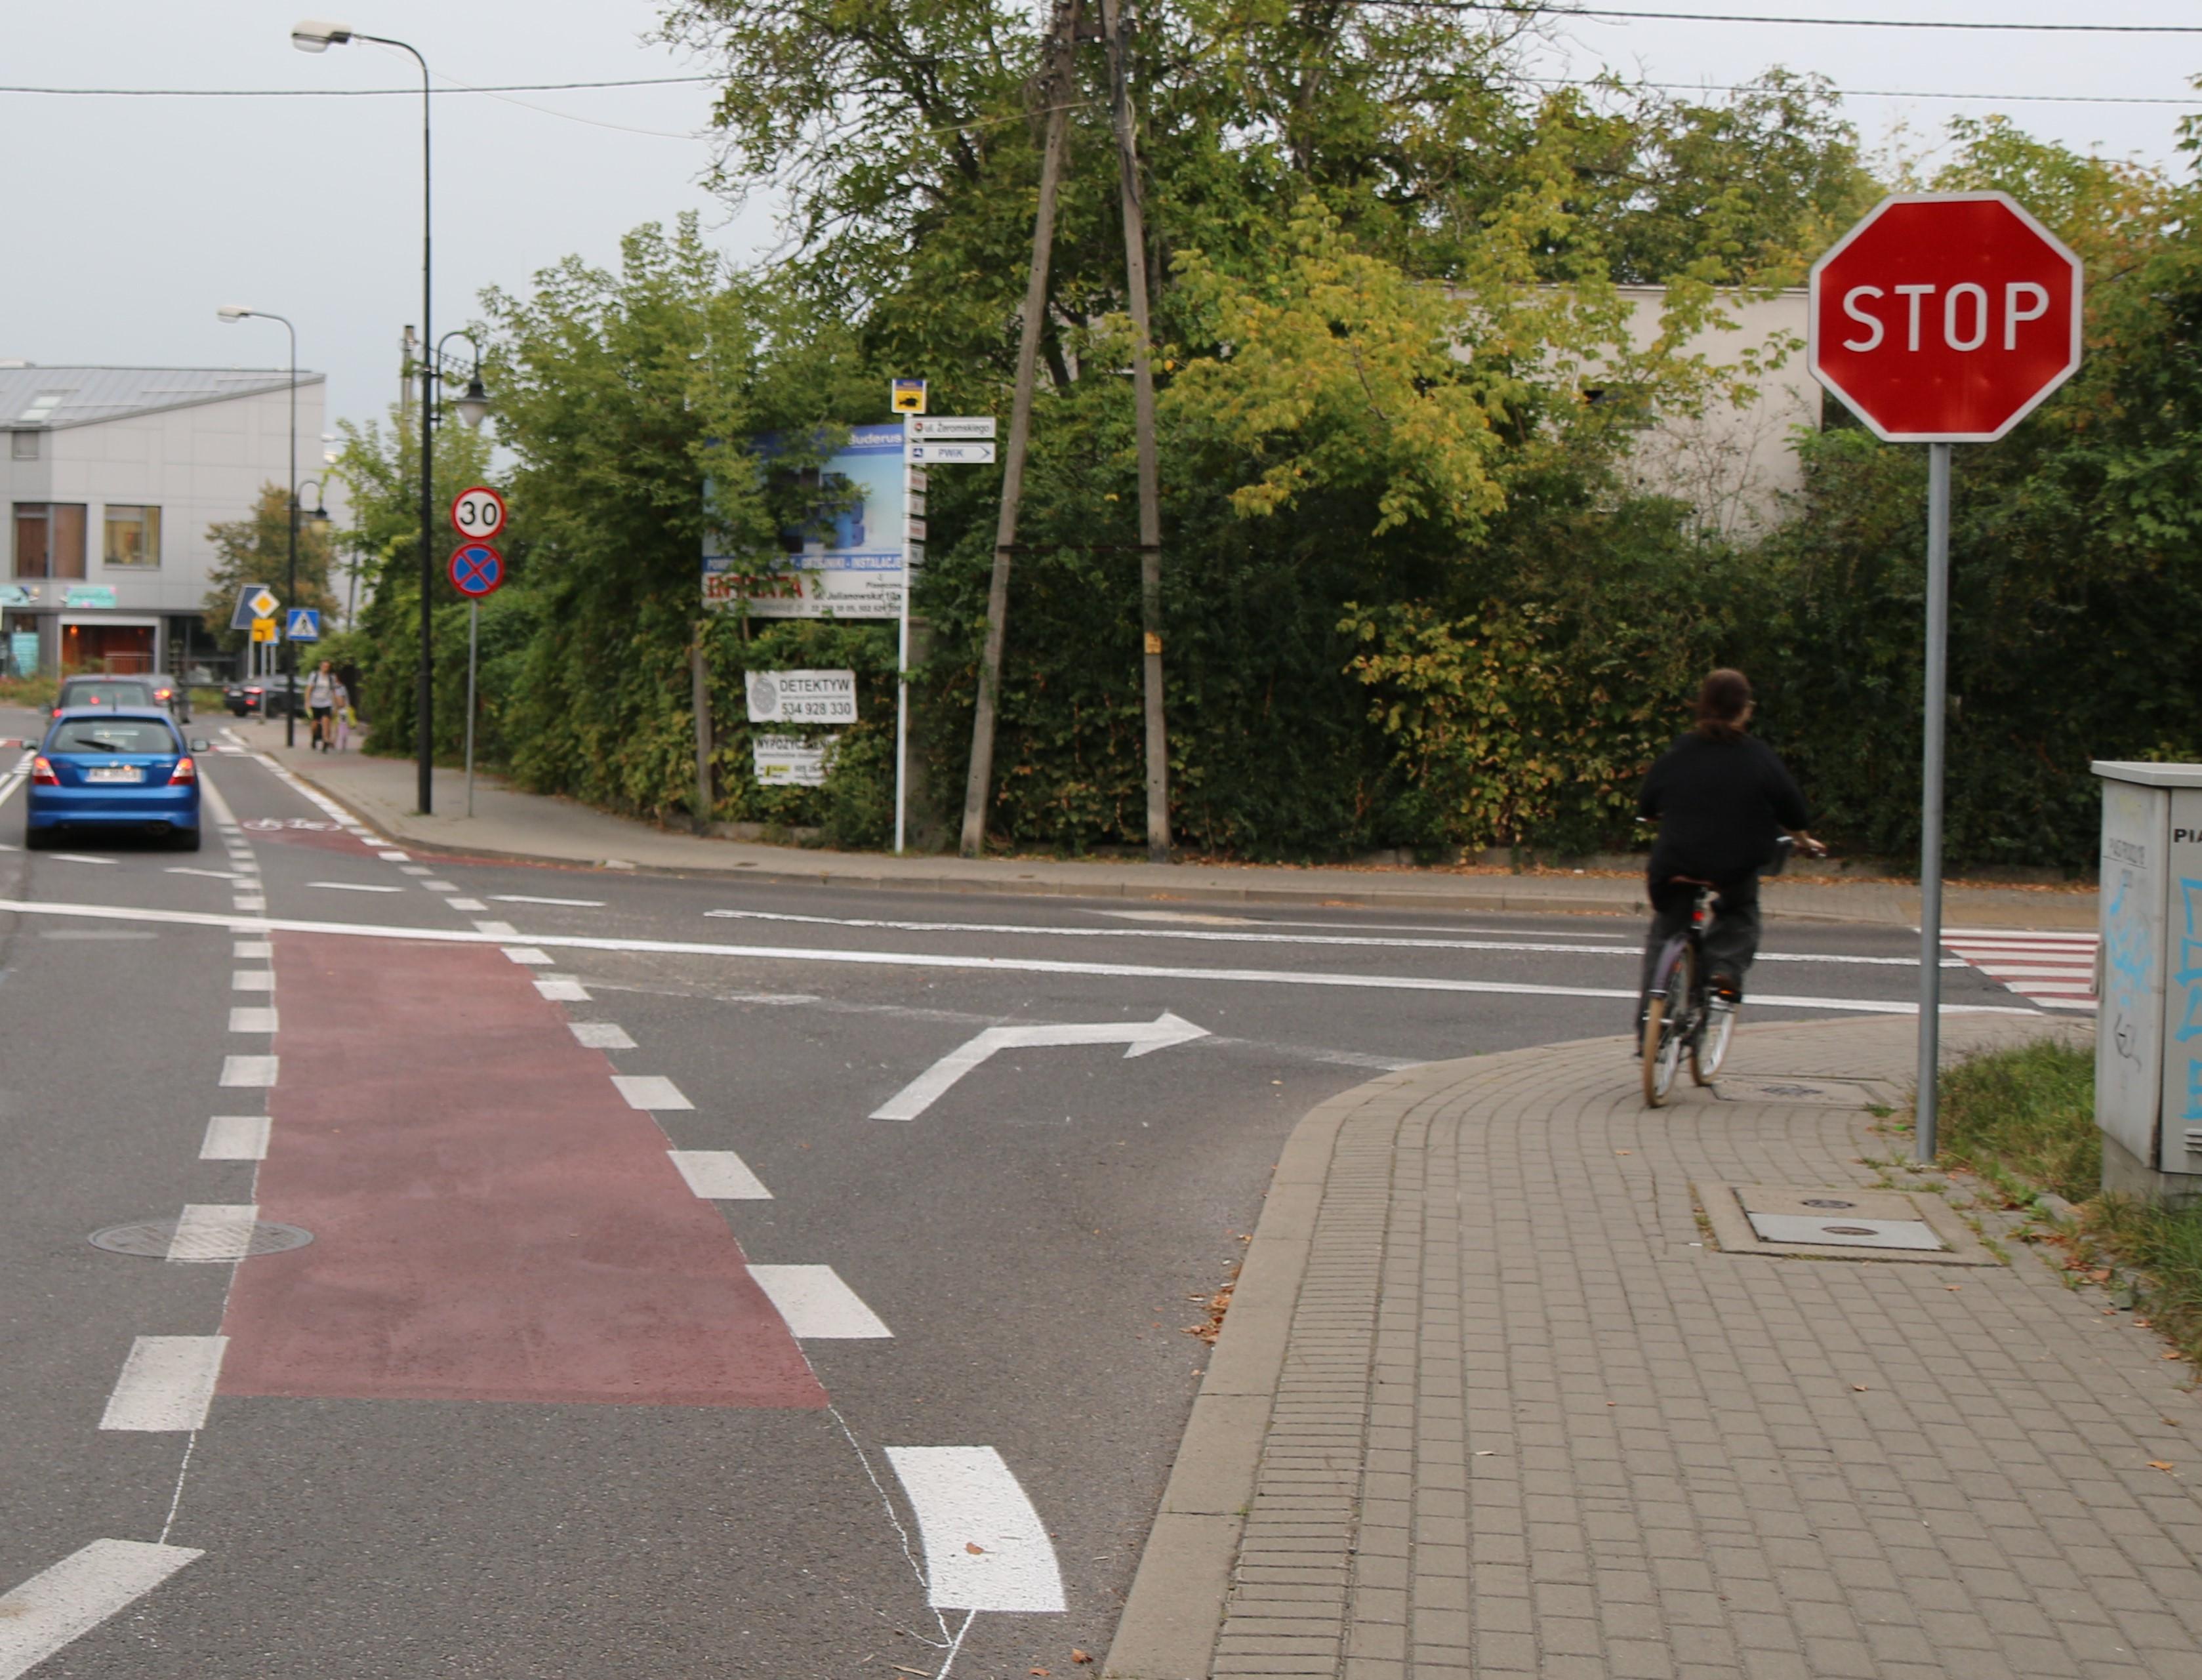 Nowa infrastruktura dla rowerzystów. Na zdjęciu pas rowerowy na jezdni oraz rowerzystka jadąca po chodniku.